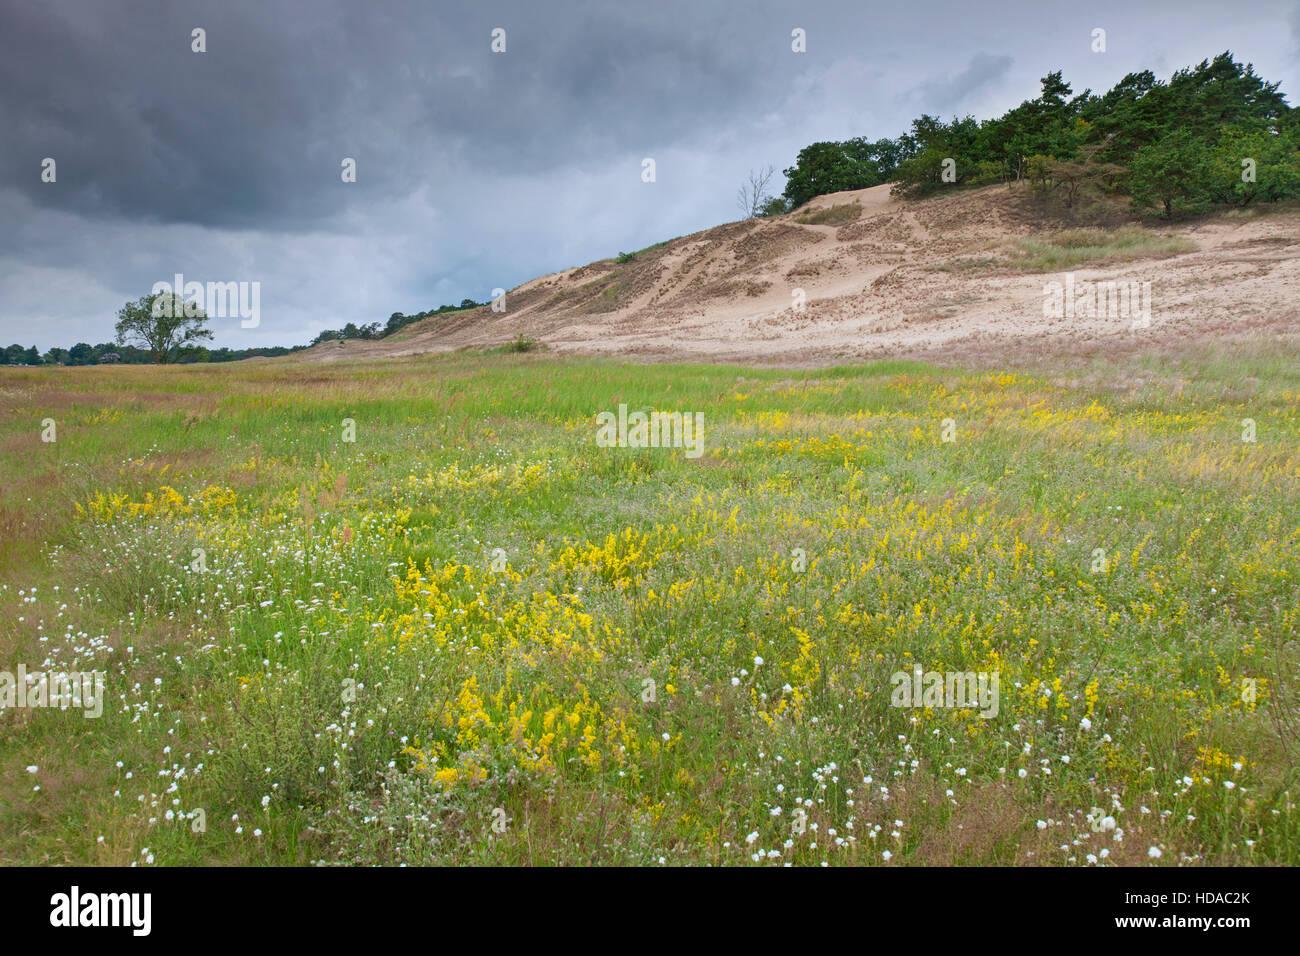 Binnendünen von Klein Schmölen in der Nähe der Elbe, Mecklenburg Elbe Valley Nature Park / Mecklenburgisches Stockbild